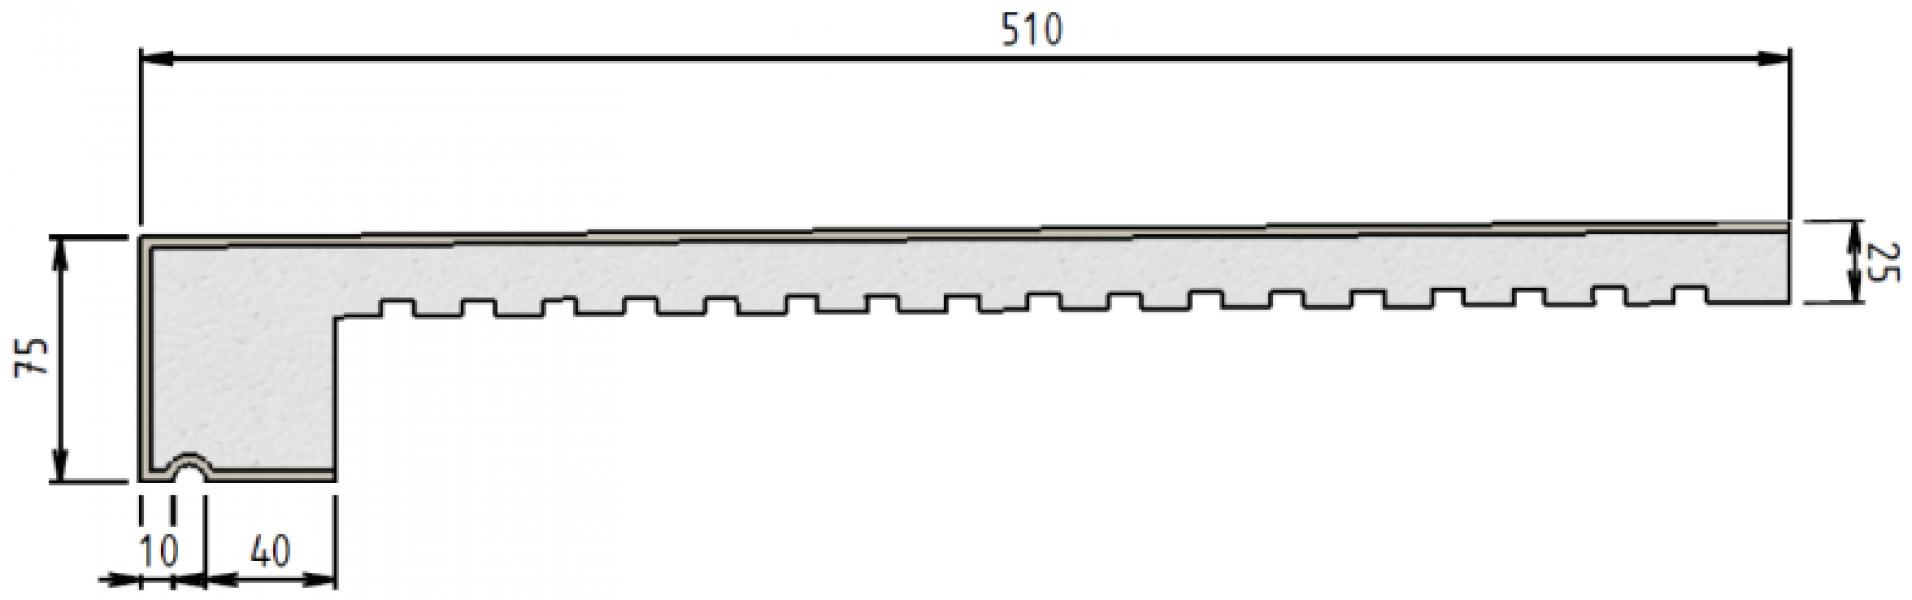 Photo 4 MODÉNATURES et APPUIS DE FENÊTRE.  Matériau de construction légers à base de minéraux, divers silicates, avec une faible teneur de résine synthétique. Massif. Classement au feu B1. - Baukom